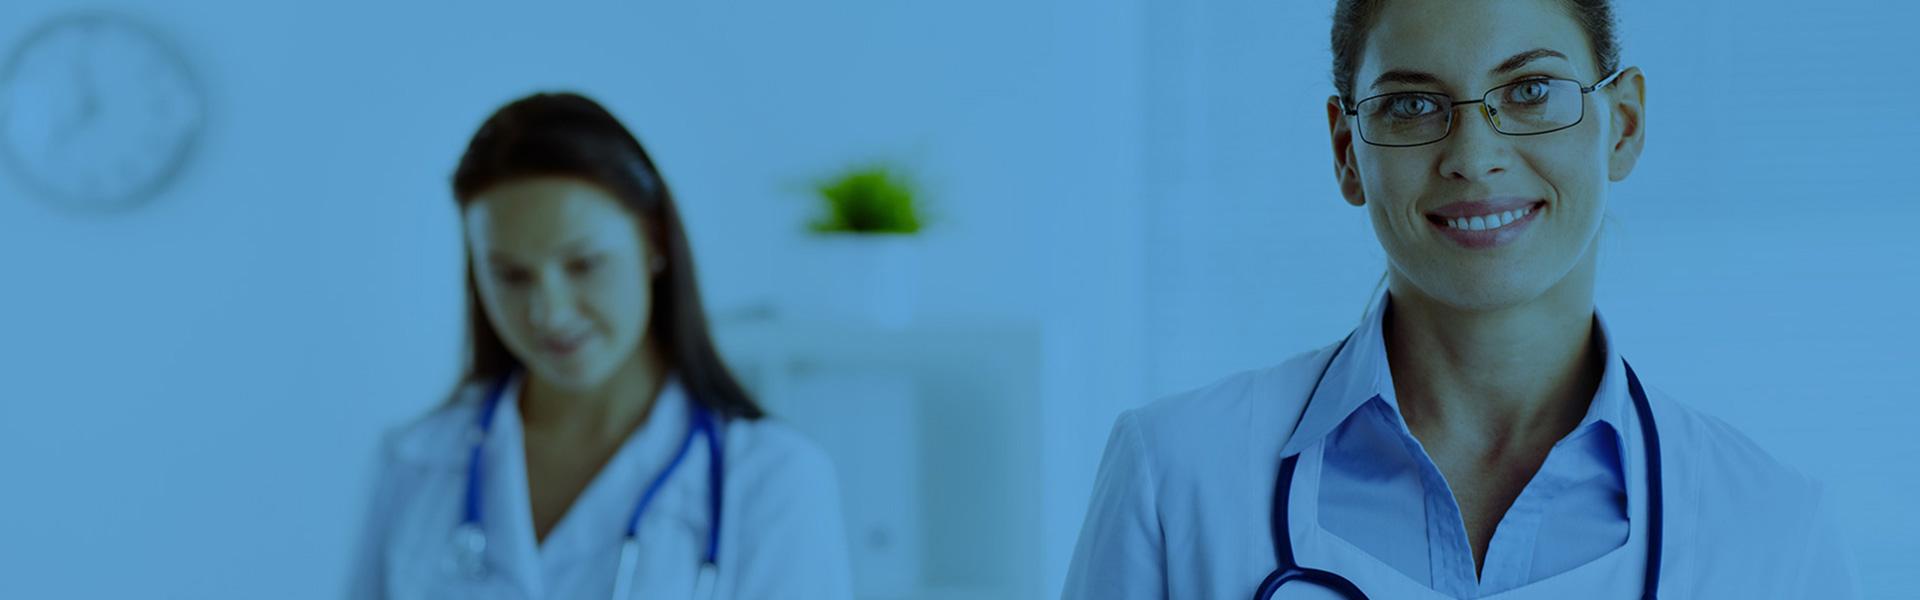 médica sorrindo, usando óculos, com estetoscópio no pescoço no hospital ou clínica